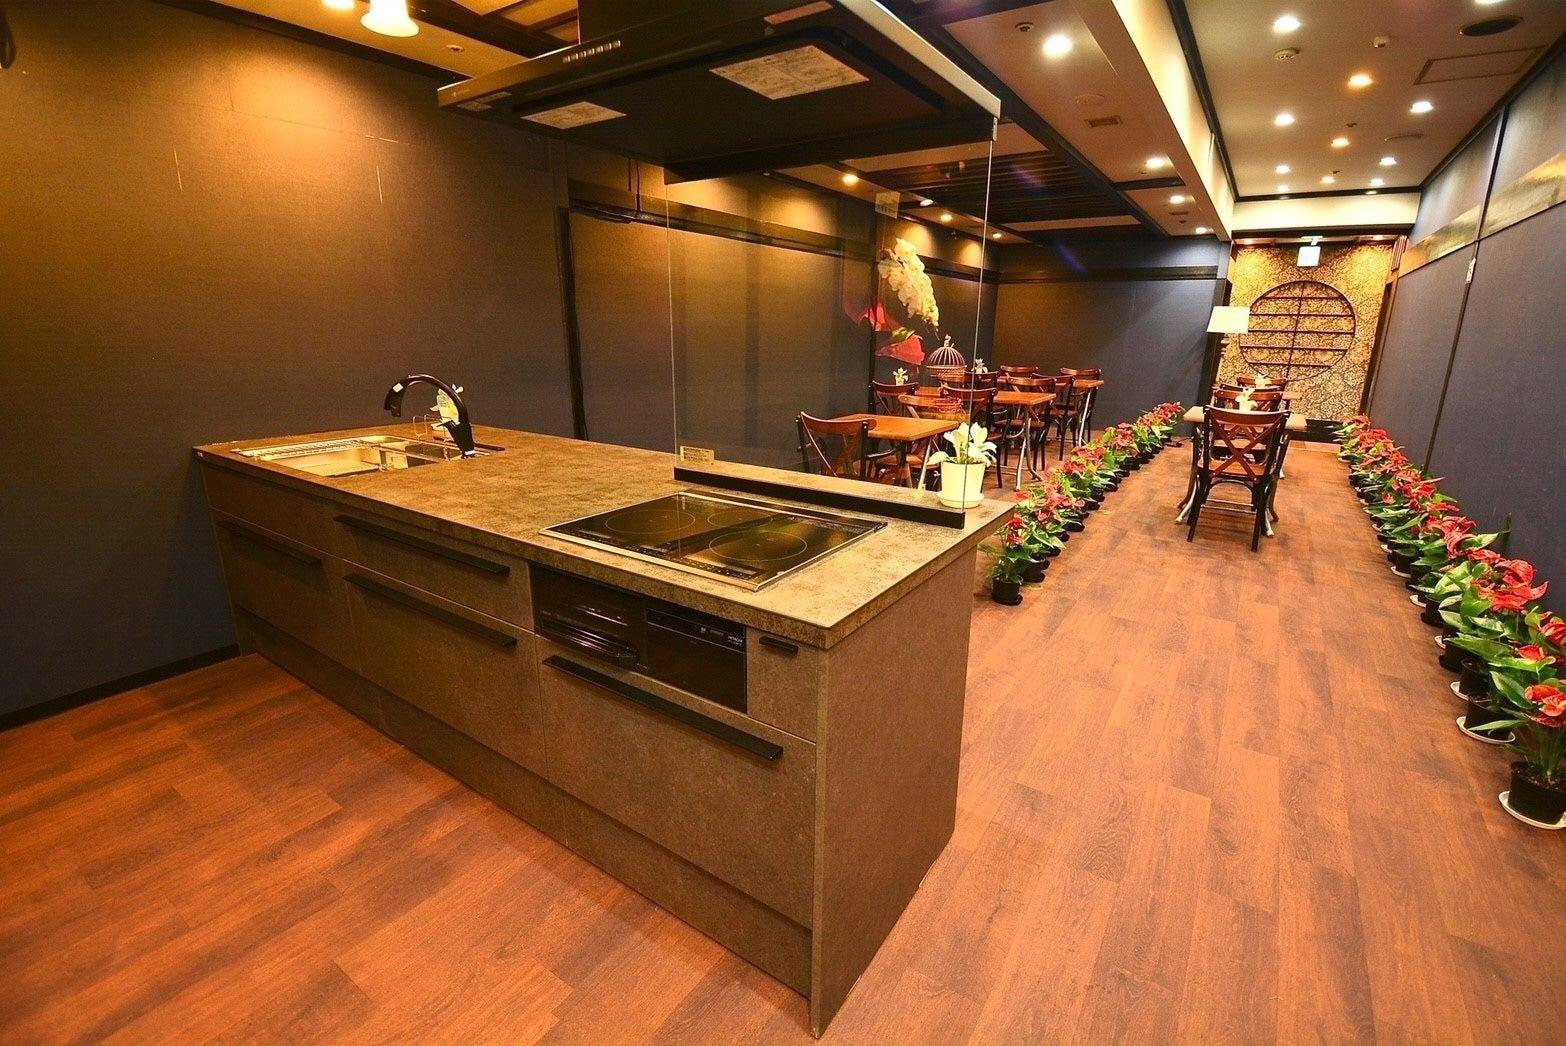 【名駅徒歩5分】料理スペースを探してるならココ!!誰もが憧れる最新キッチンを完備! ドリンクバー/プロジェクター/wi-fi